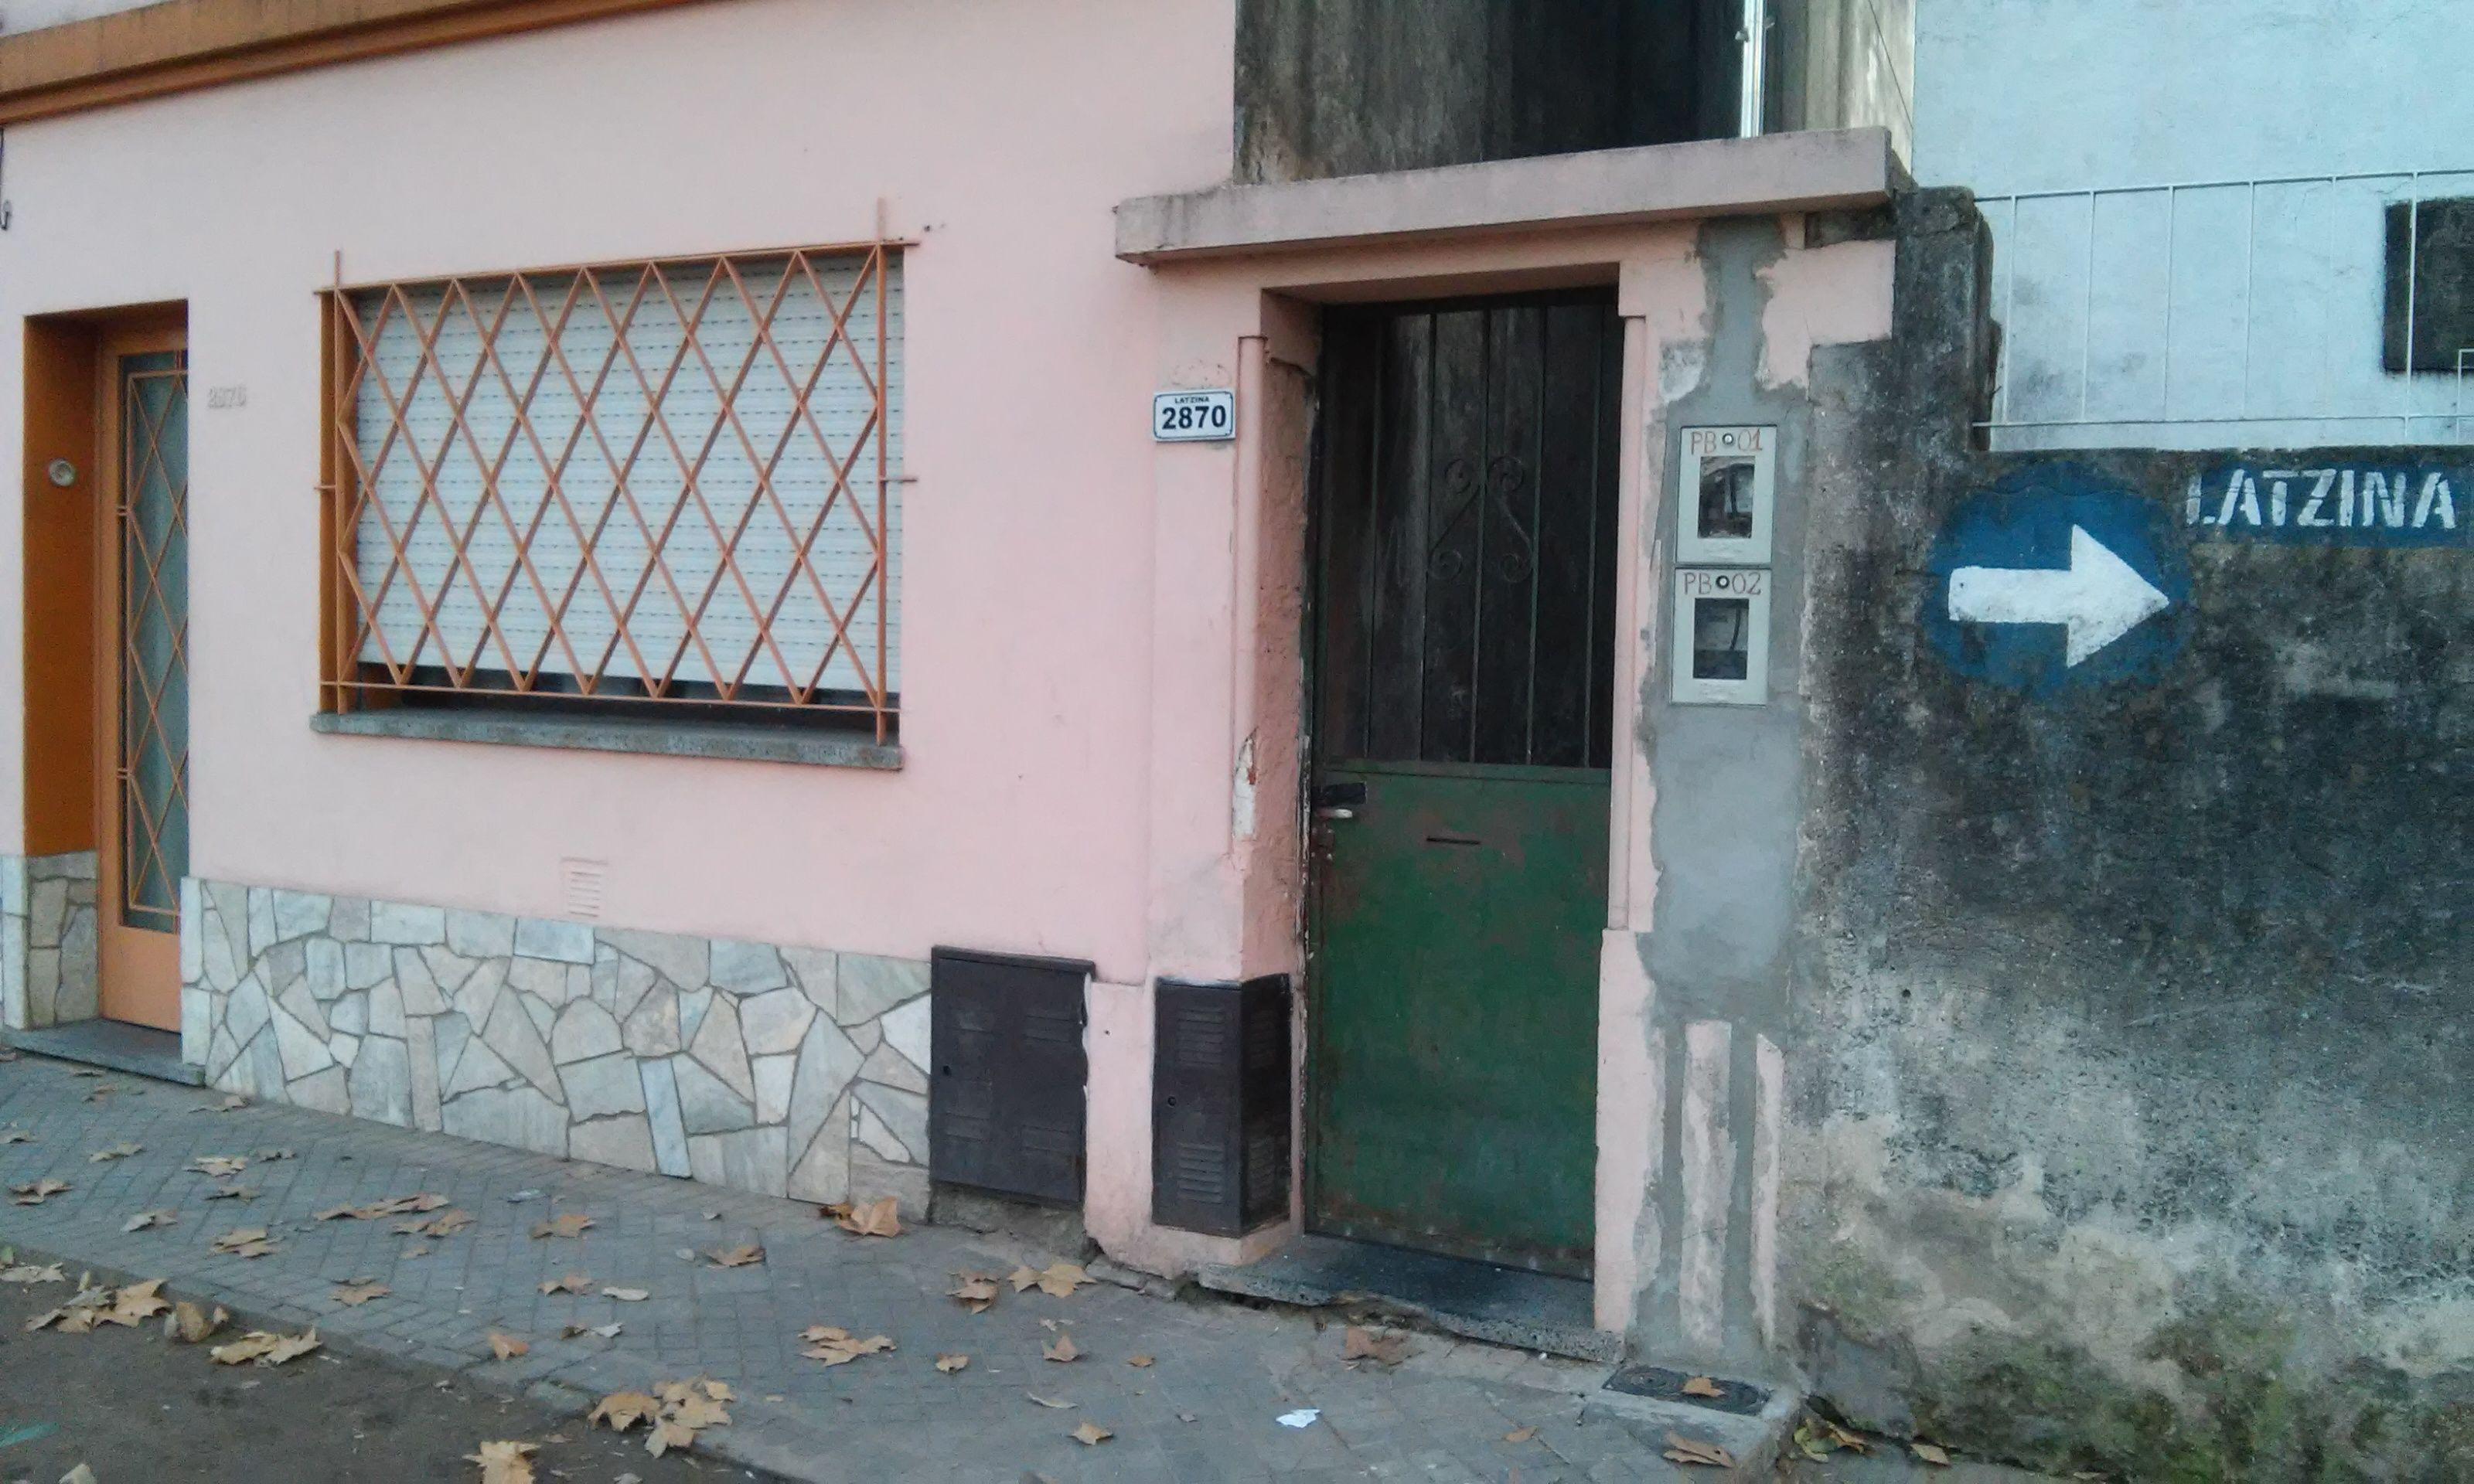 El frente de la vivienda donde ocurrió el violento asalto. (Foto: Sebastián S. Meccia.)